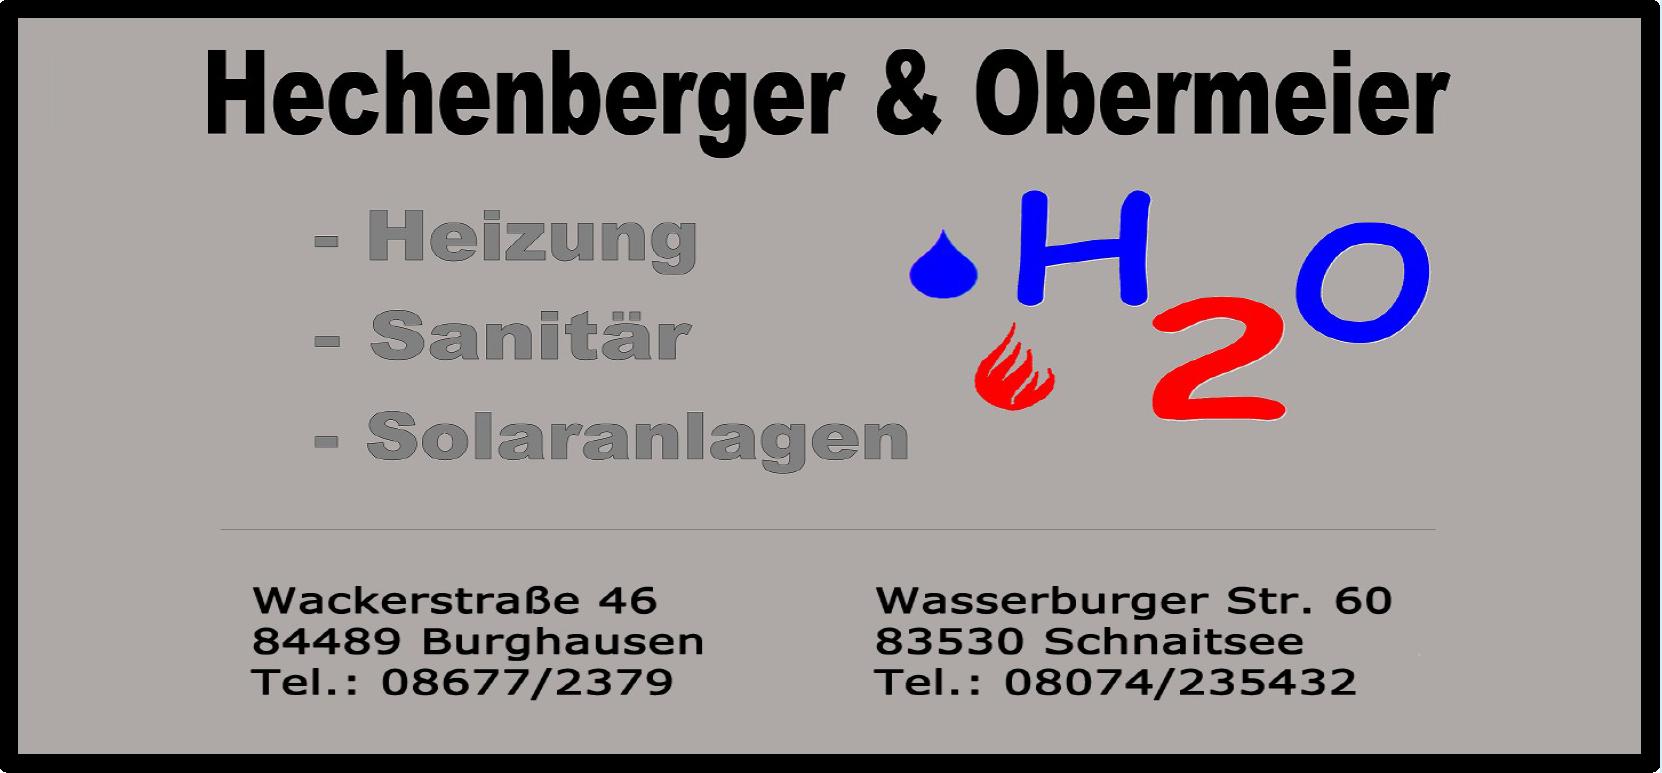 h2o - Hechenberger und Obermeier